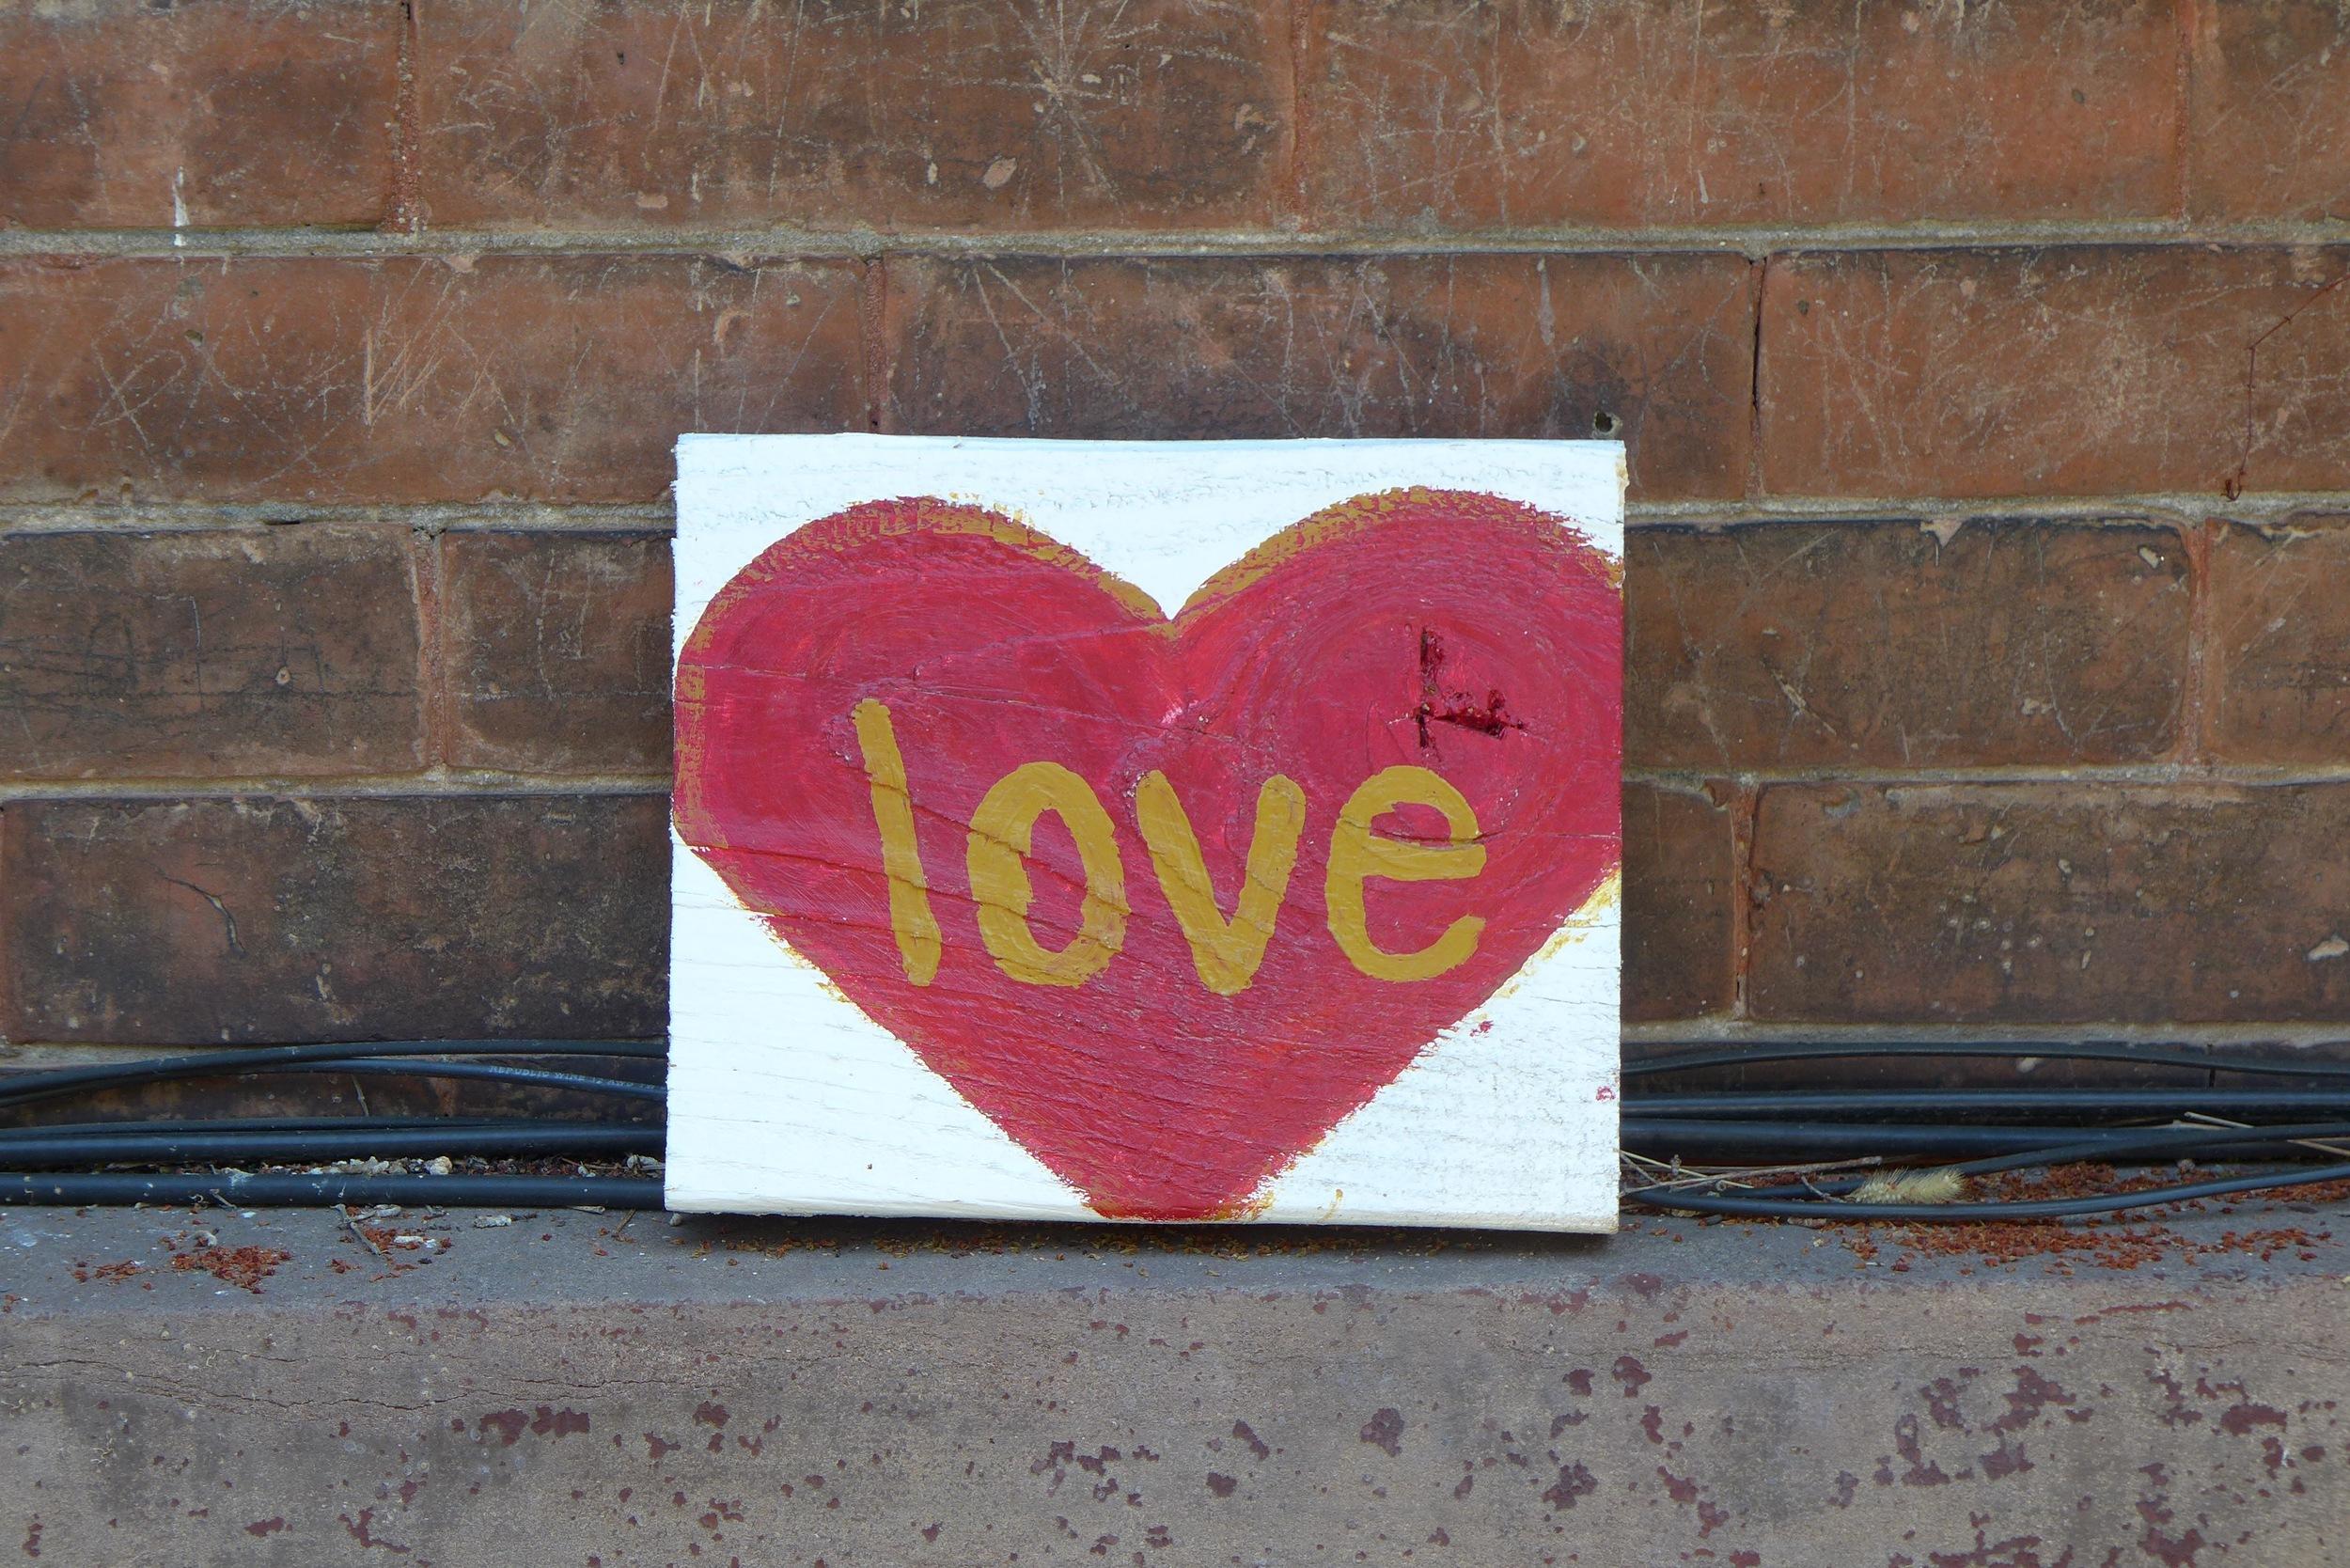 Love - Sold Spring, NY